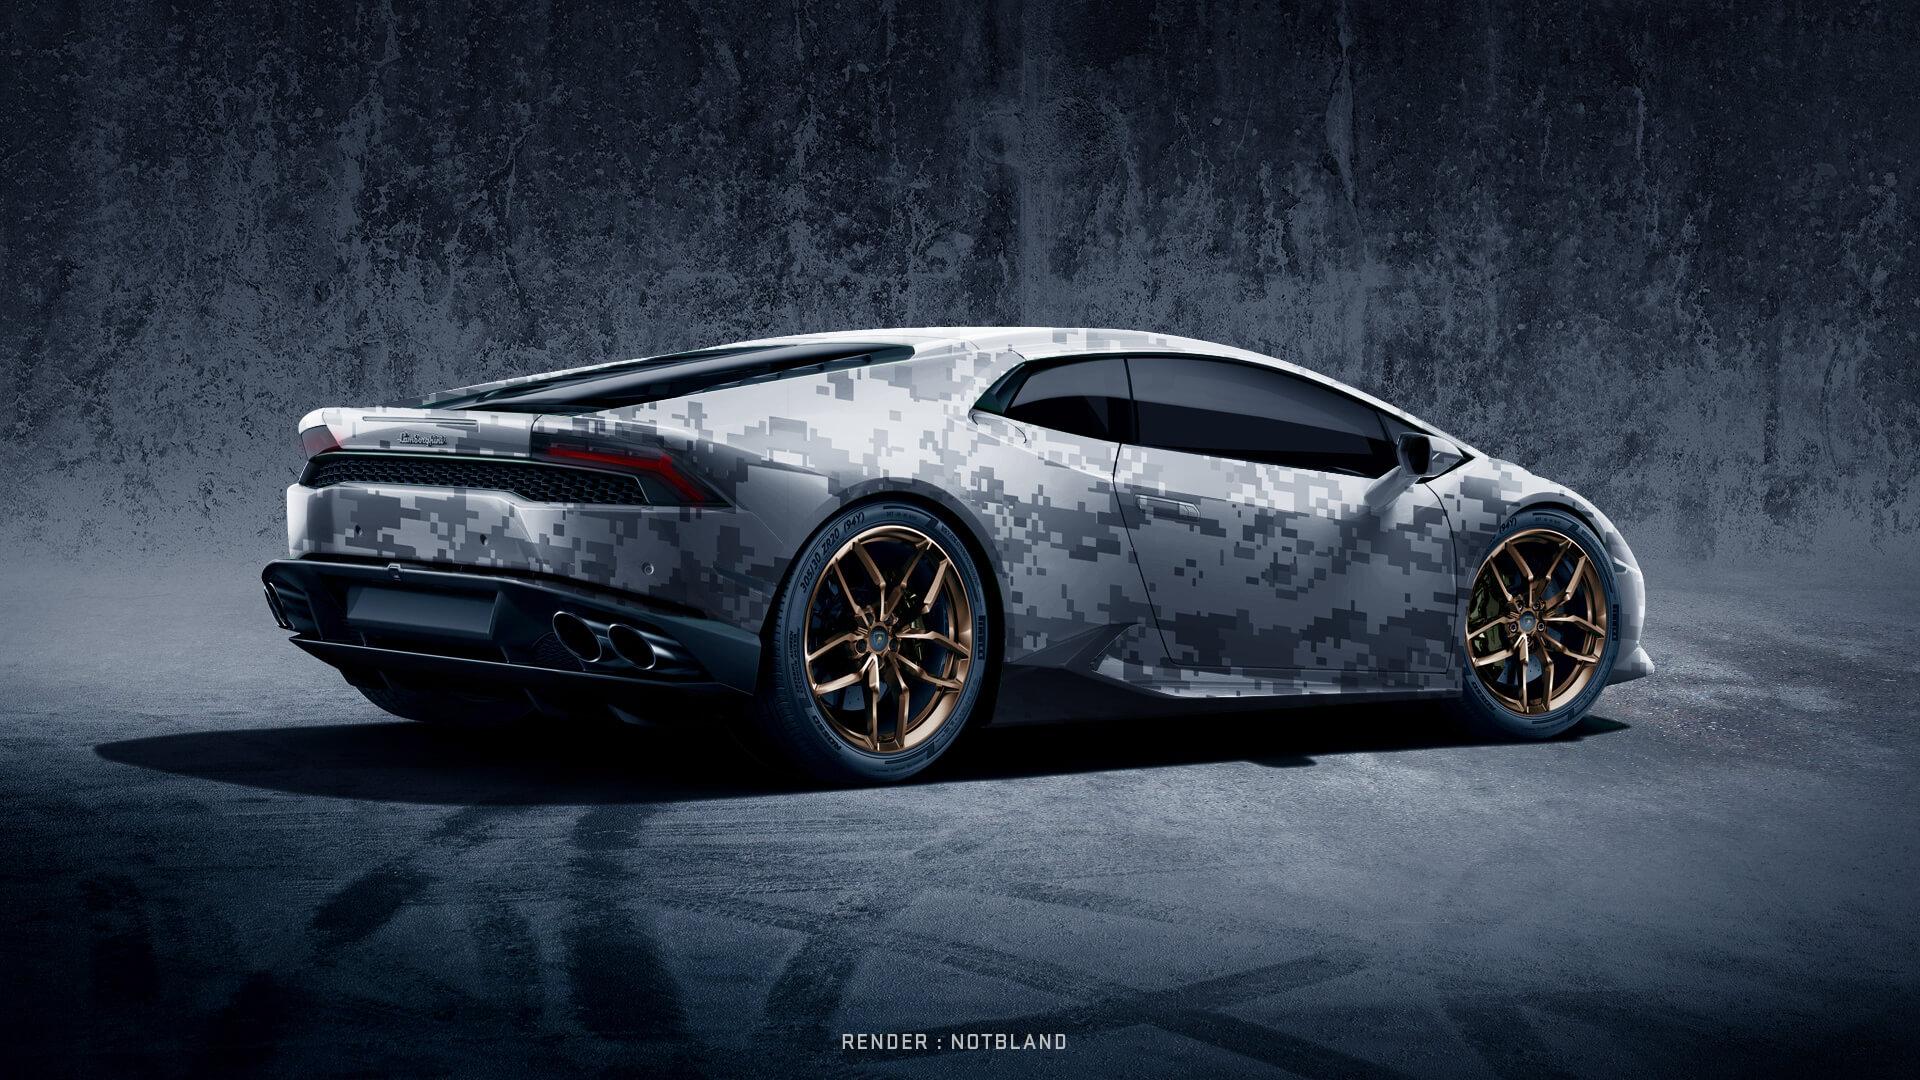 New Lamborghini Huracan Wrapped Camo